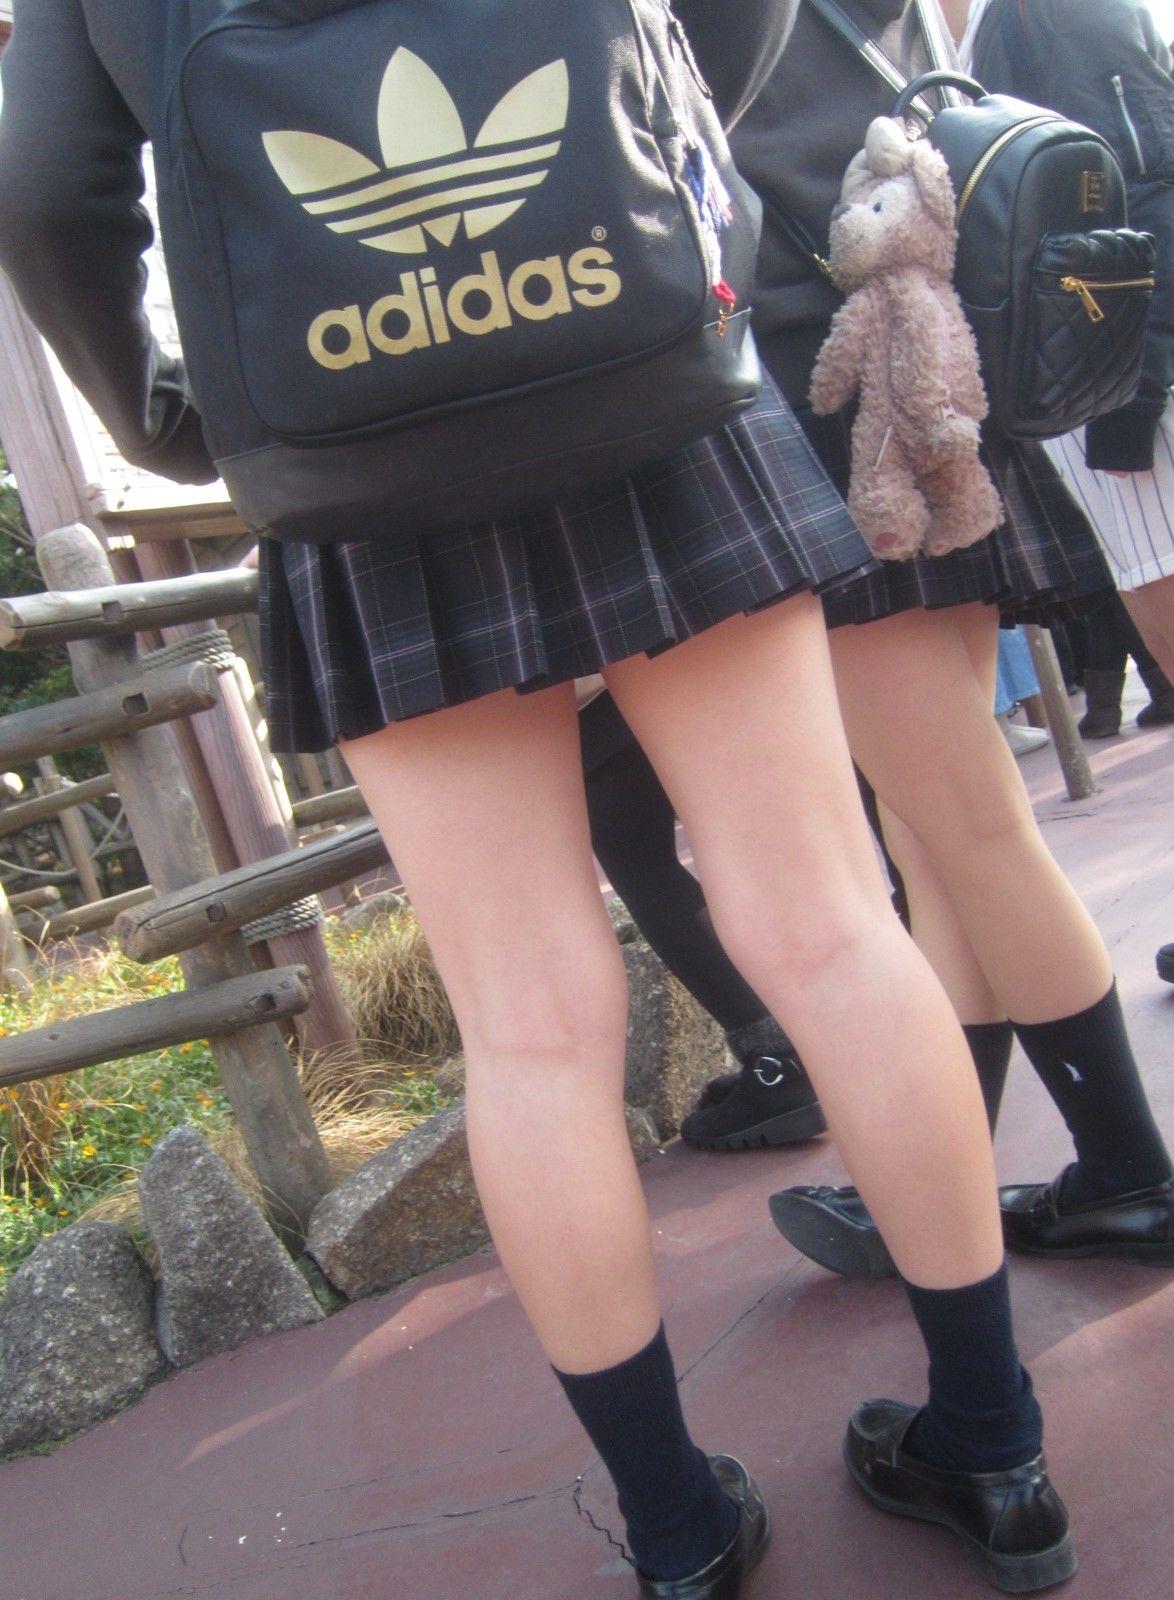 jk エロ 高校3年の激かわ処女JKが鏡の前で自撮りしているエロ画像!生 ...